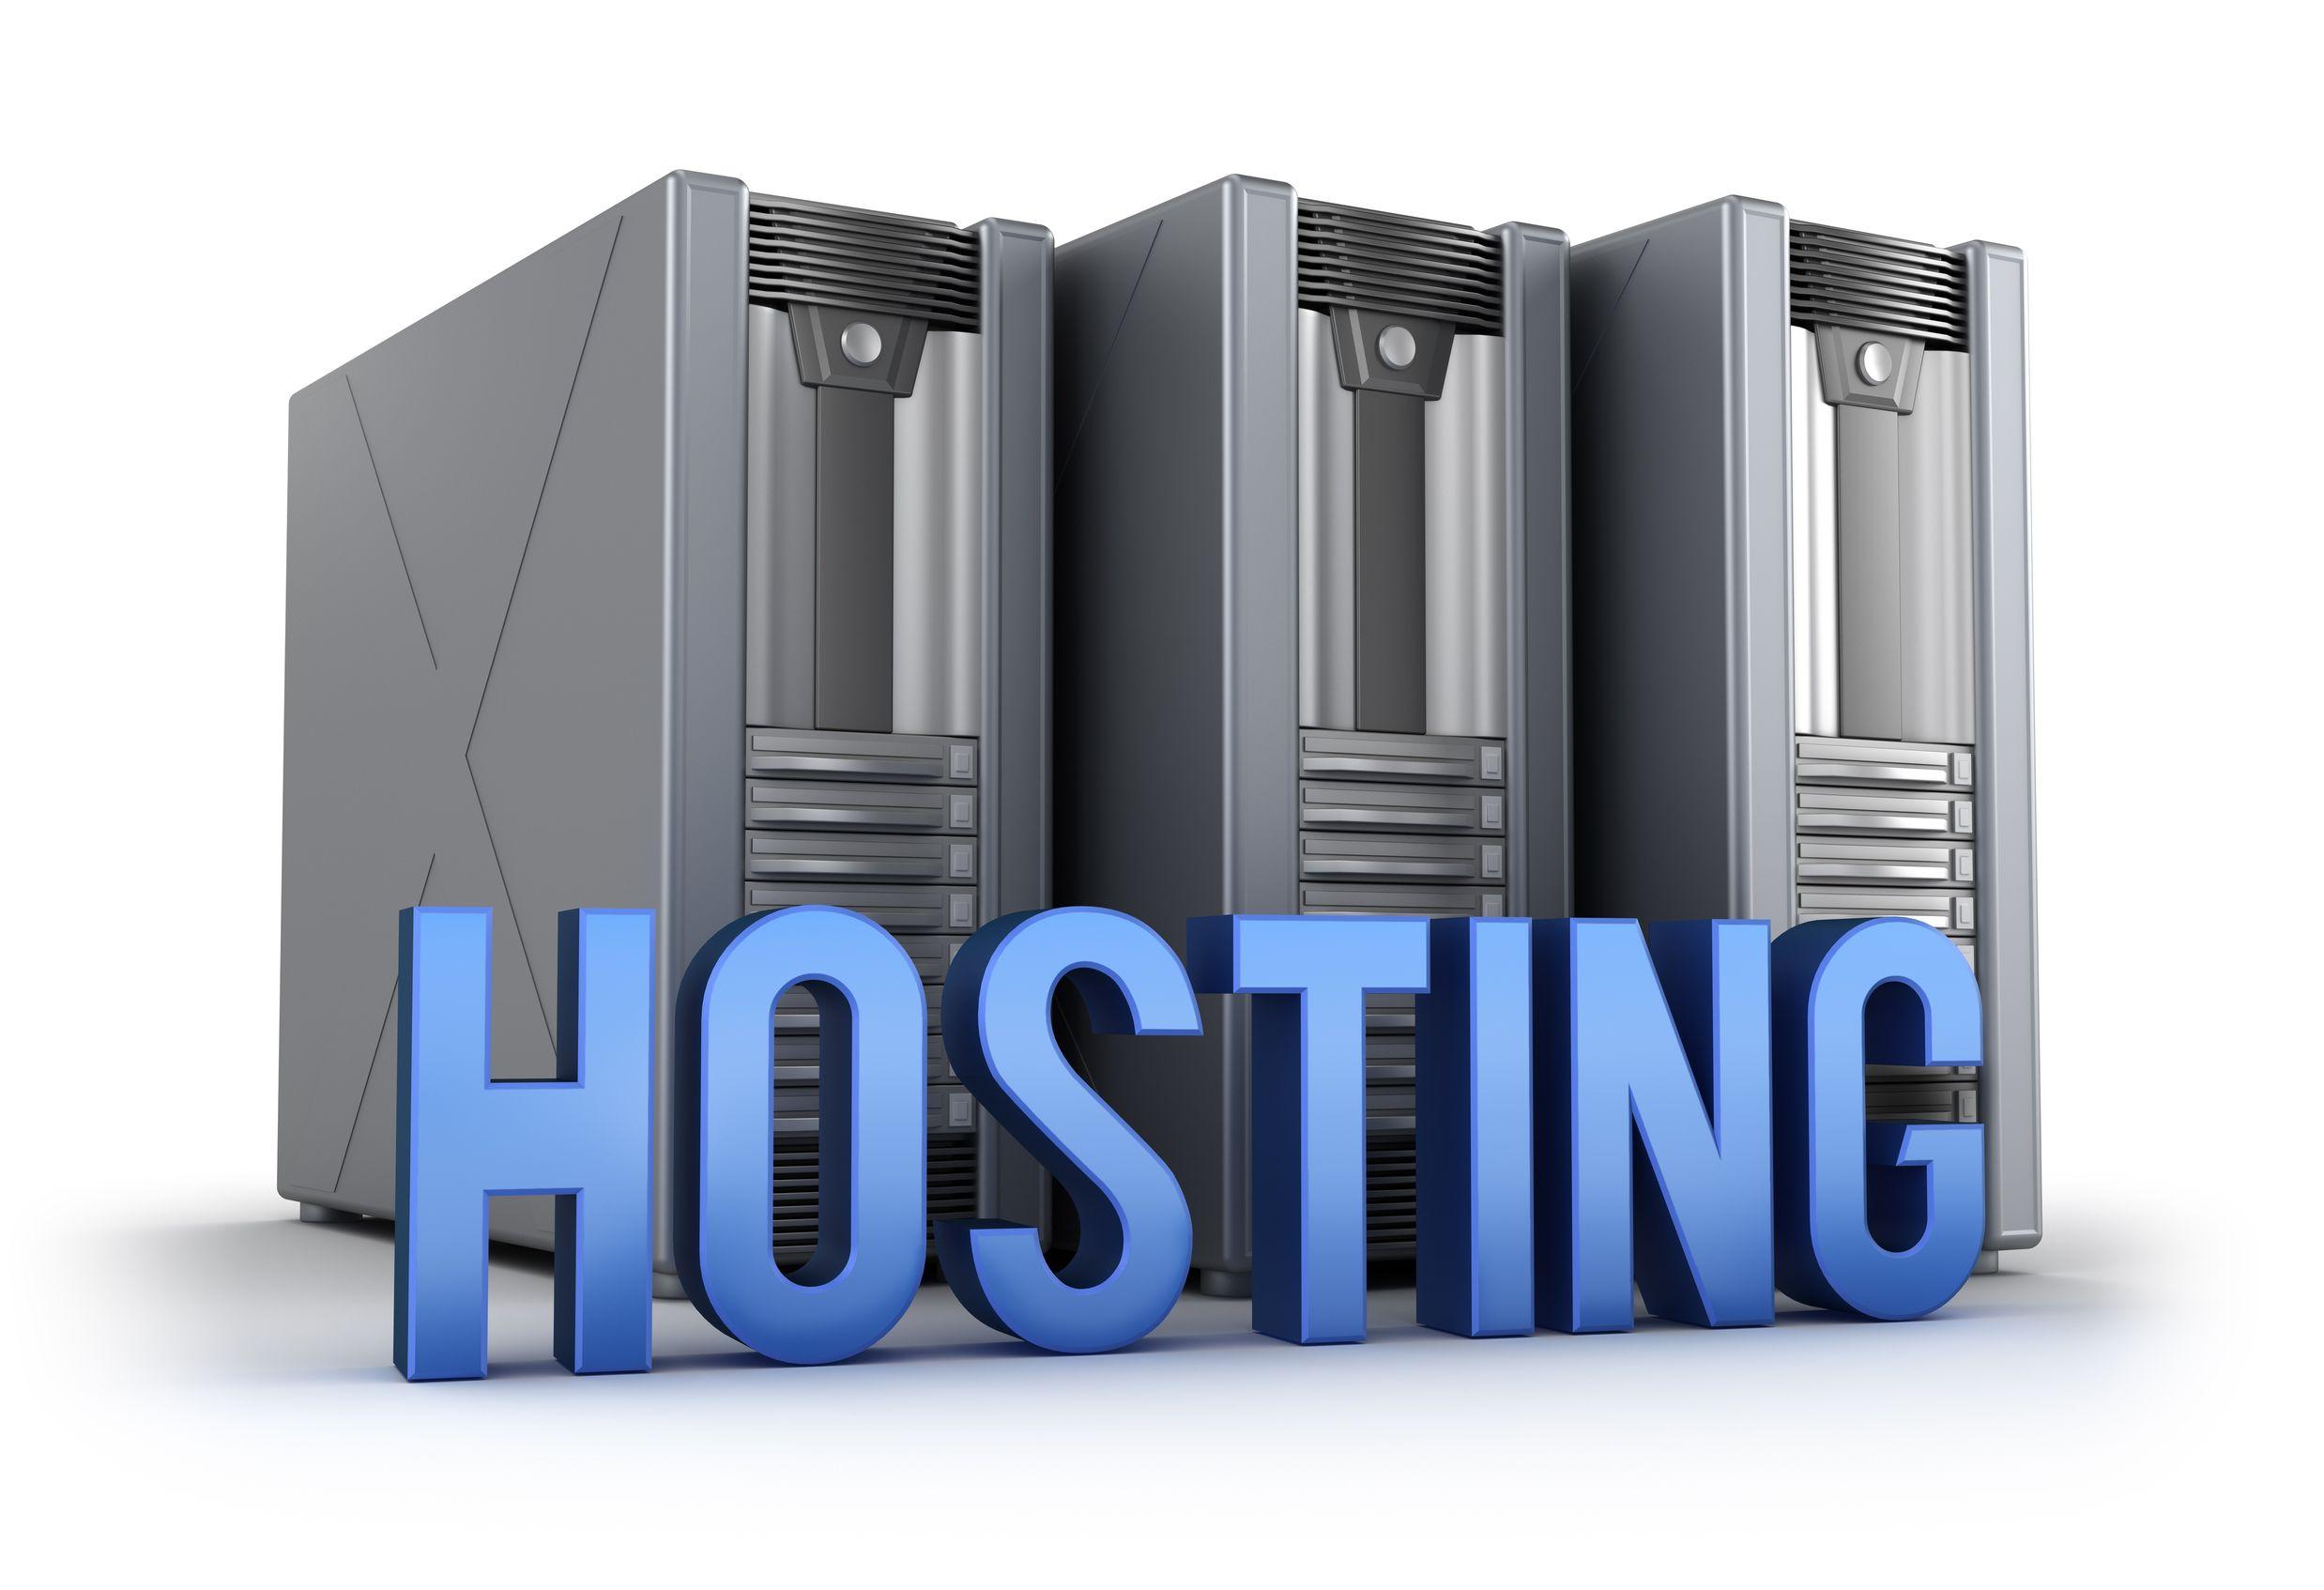 hostings